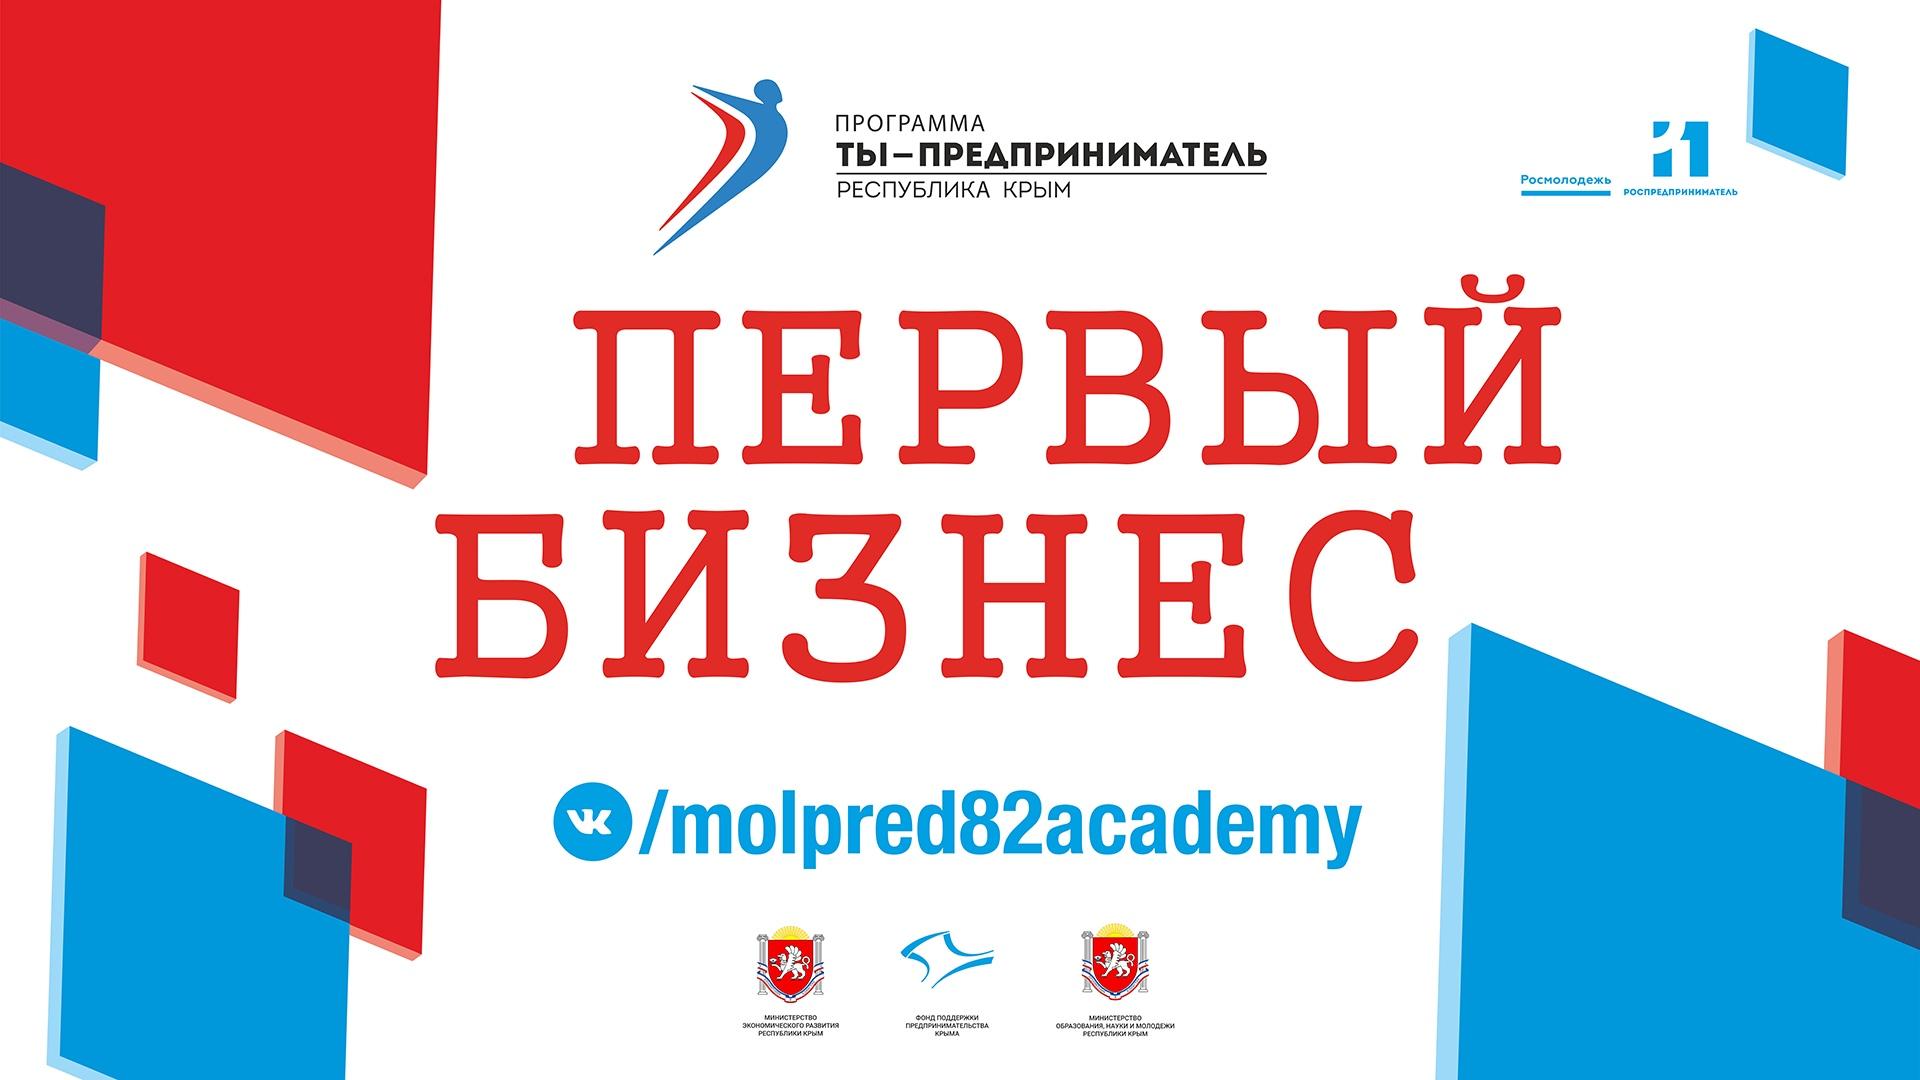 Первый бизнес -проект в Крыму